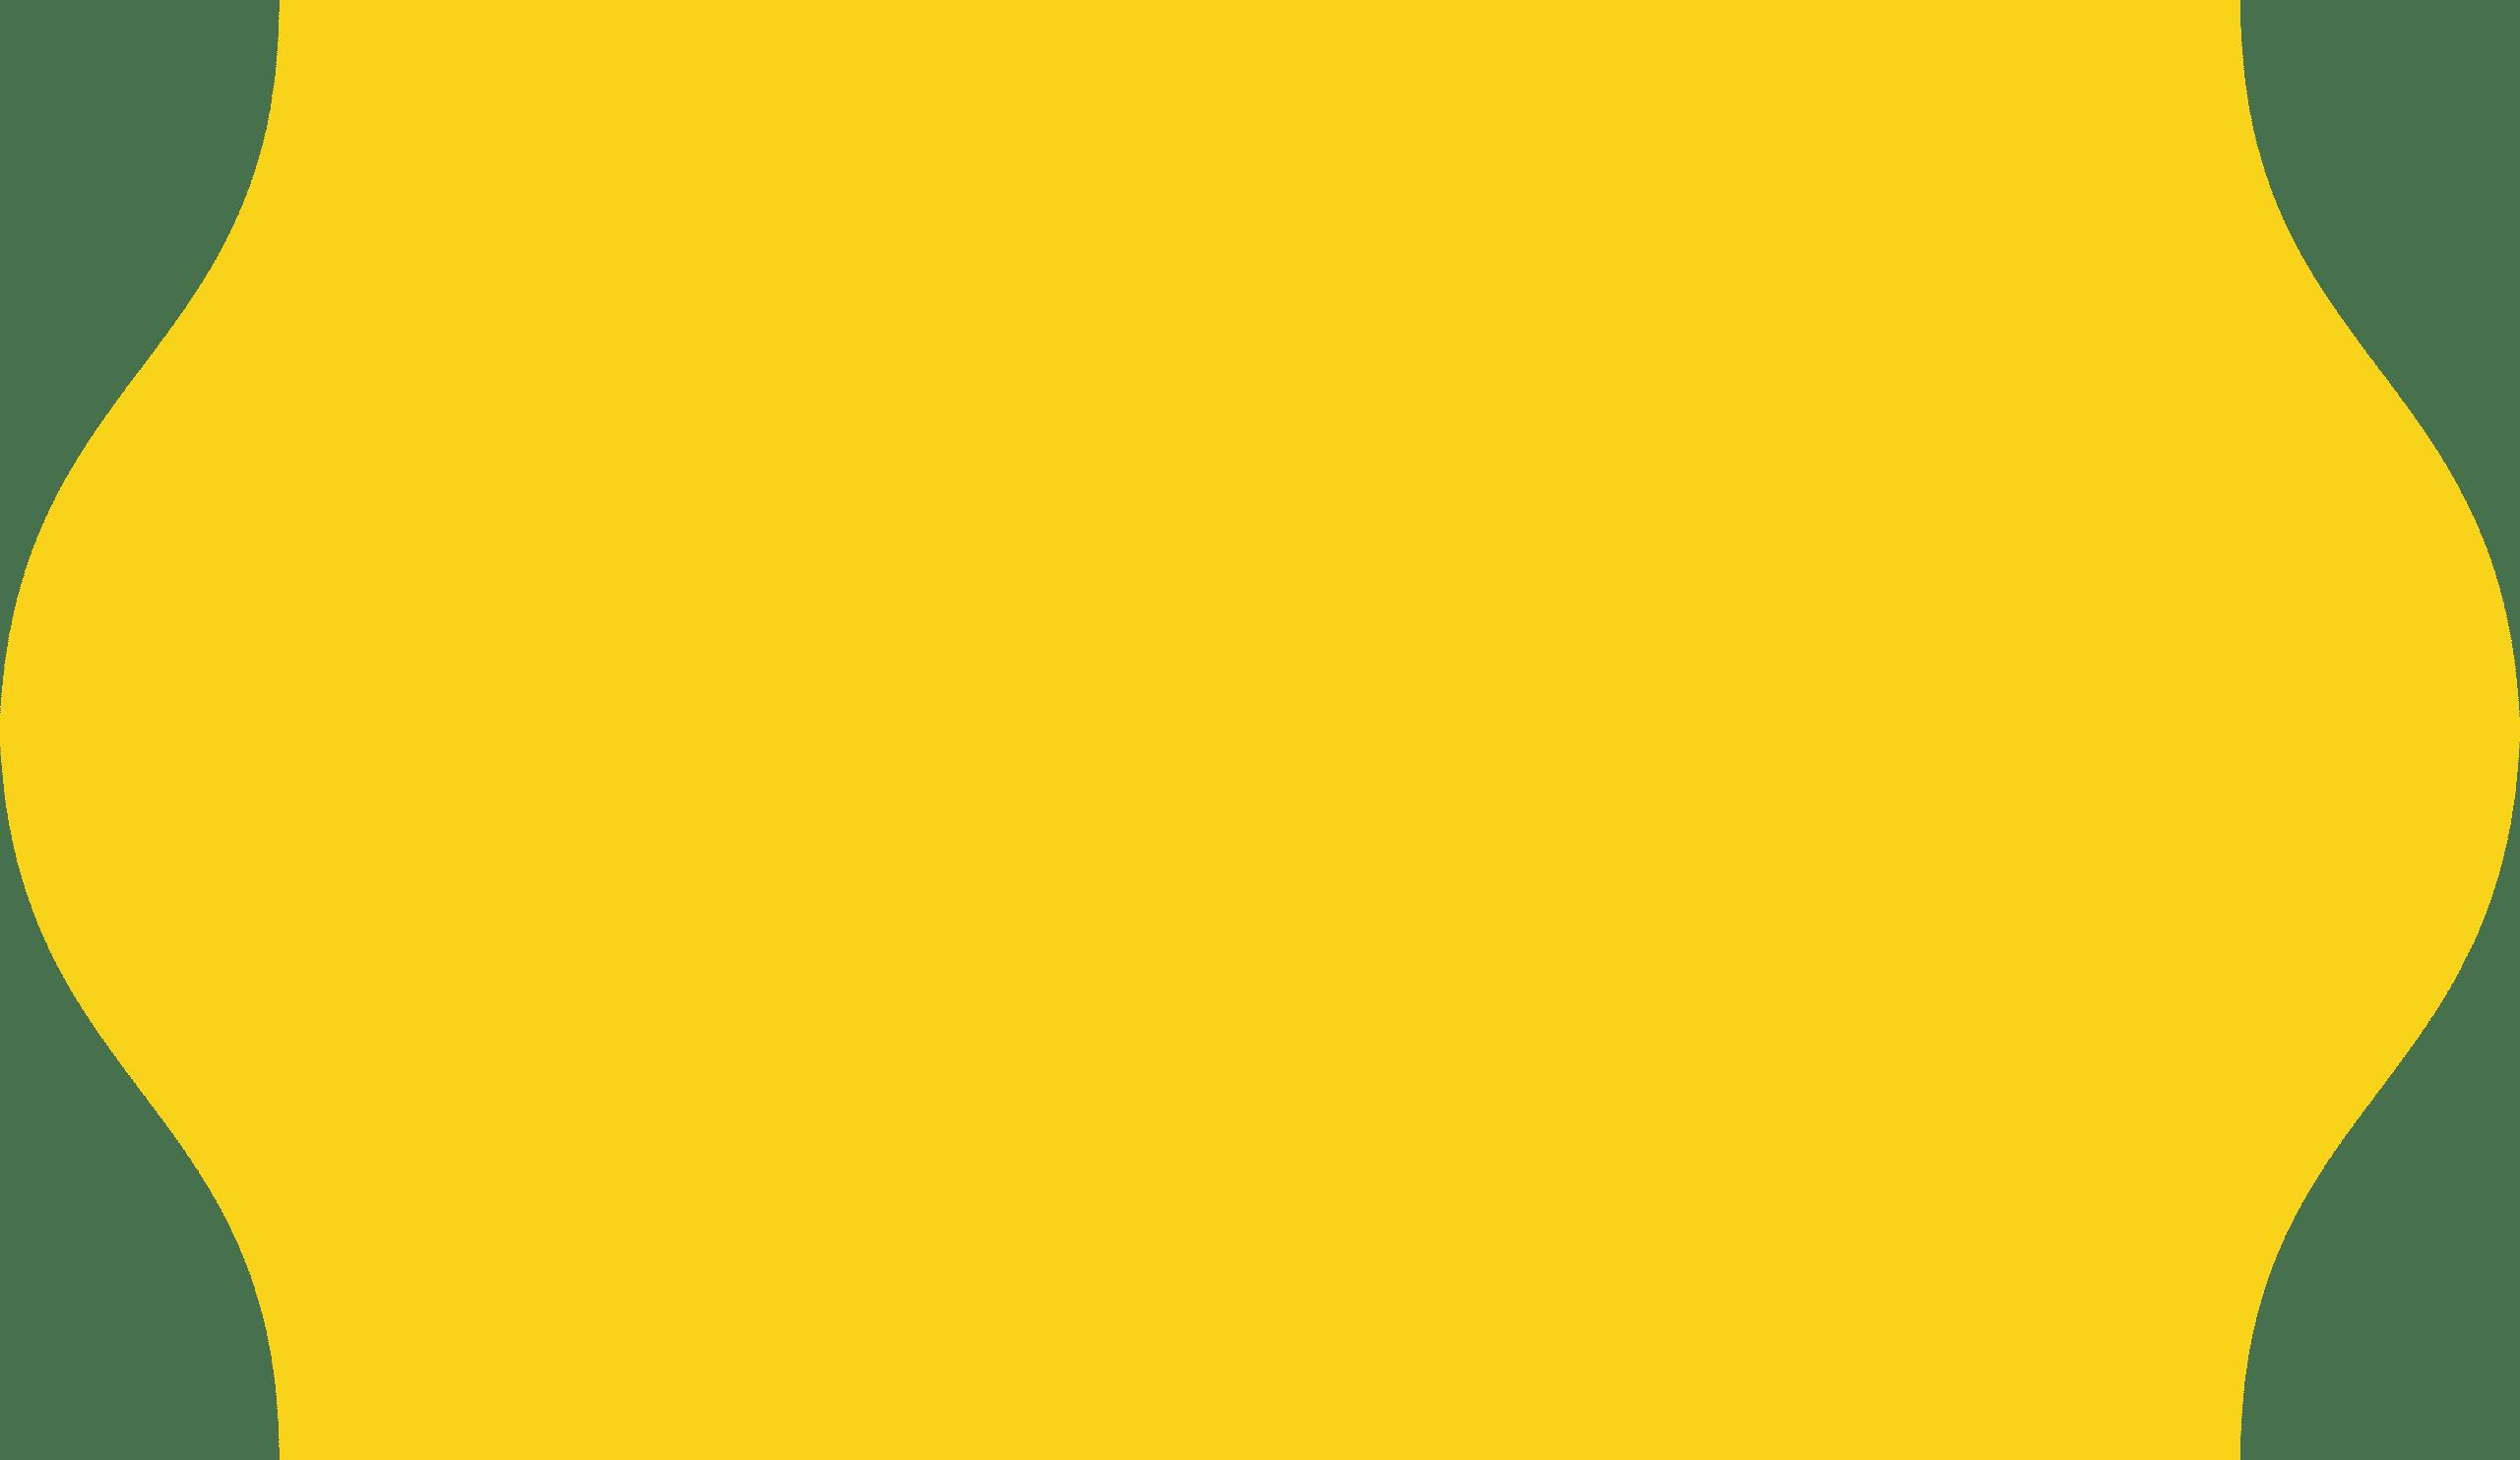 33 francs | Agence de communication digitale et créative